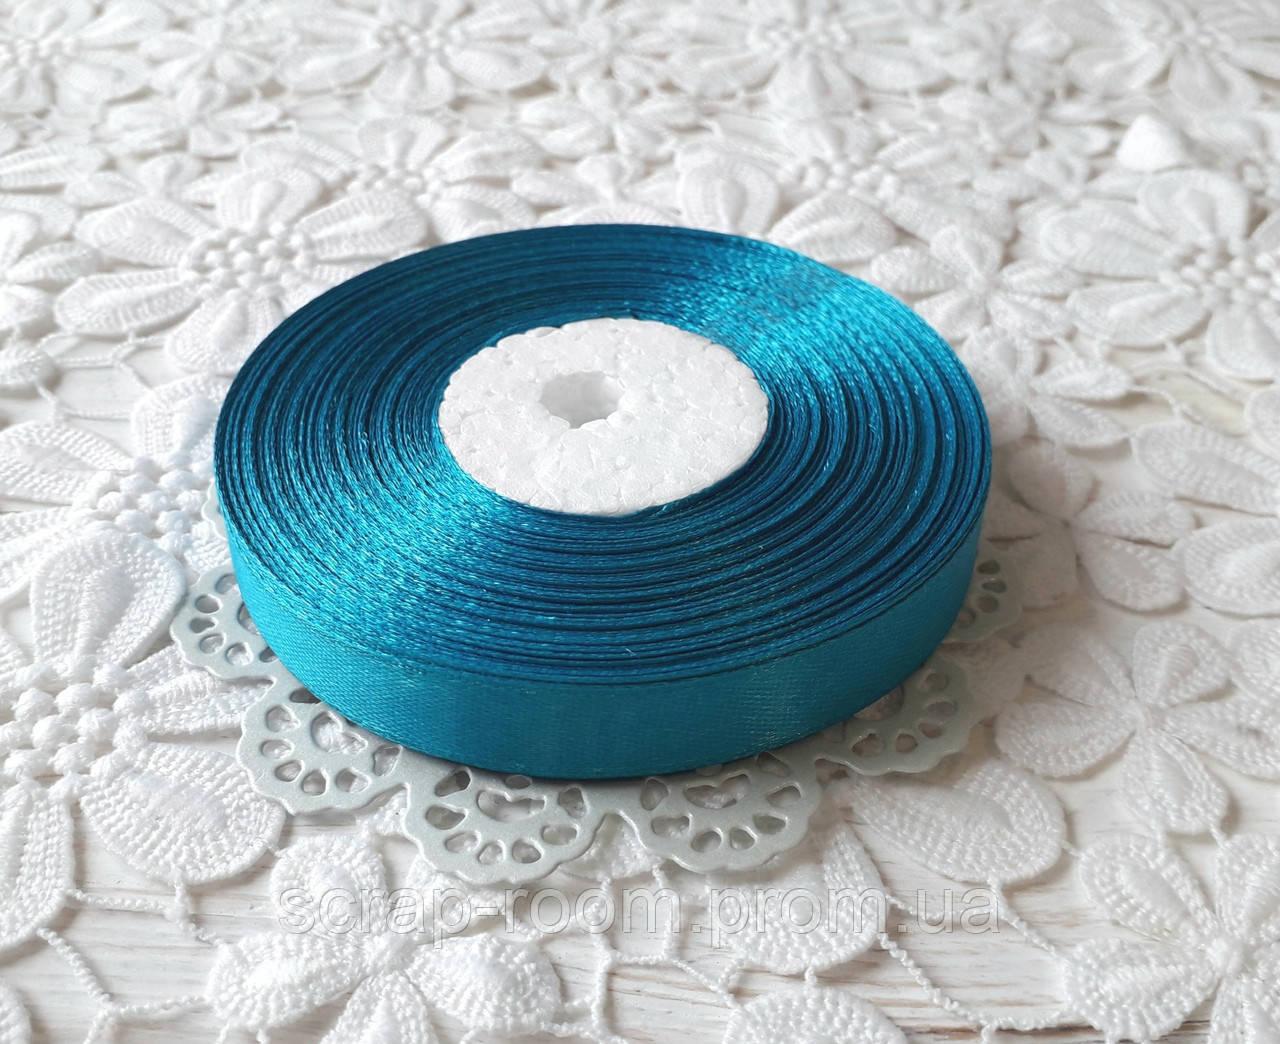 Лента атласная 1,2 см бирюзовая, лента бирюзовая атлас, лента атласная мятная, цена за метр